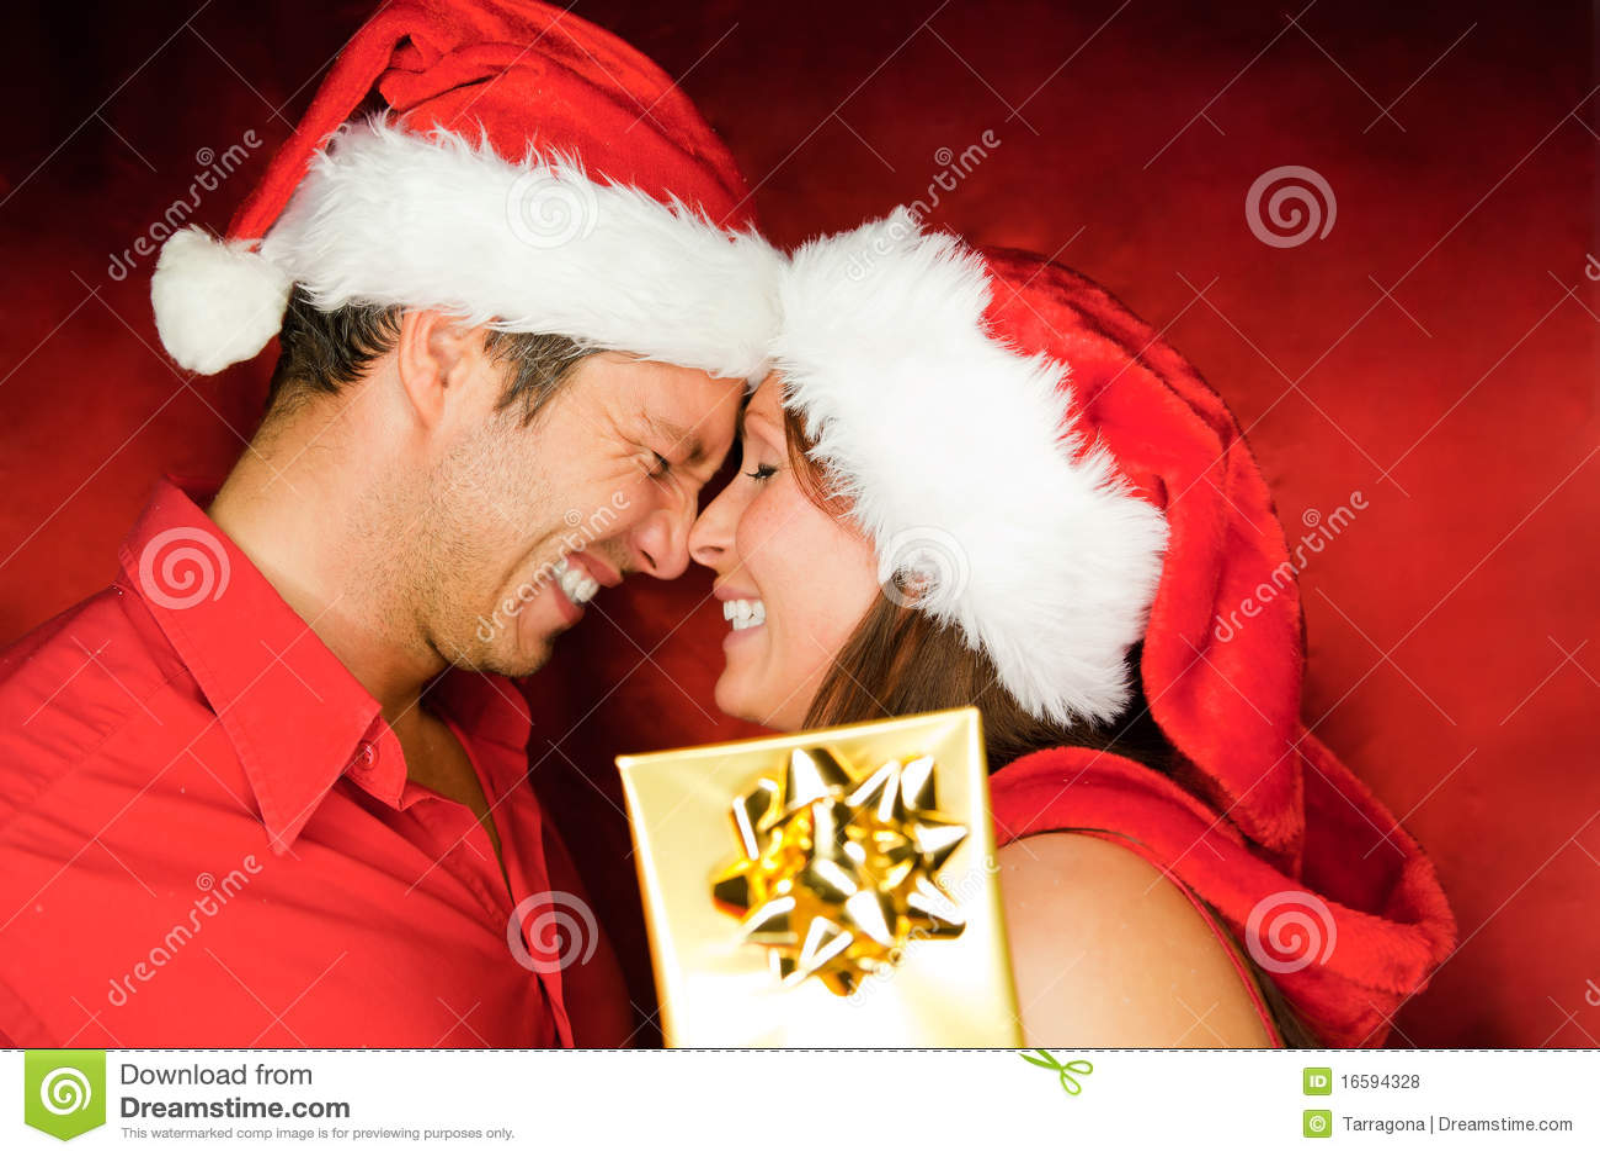 christmas couples - photo #29